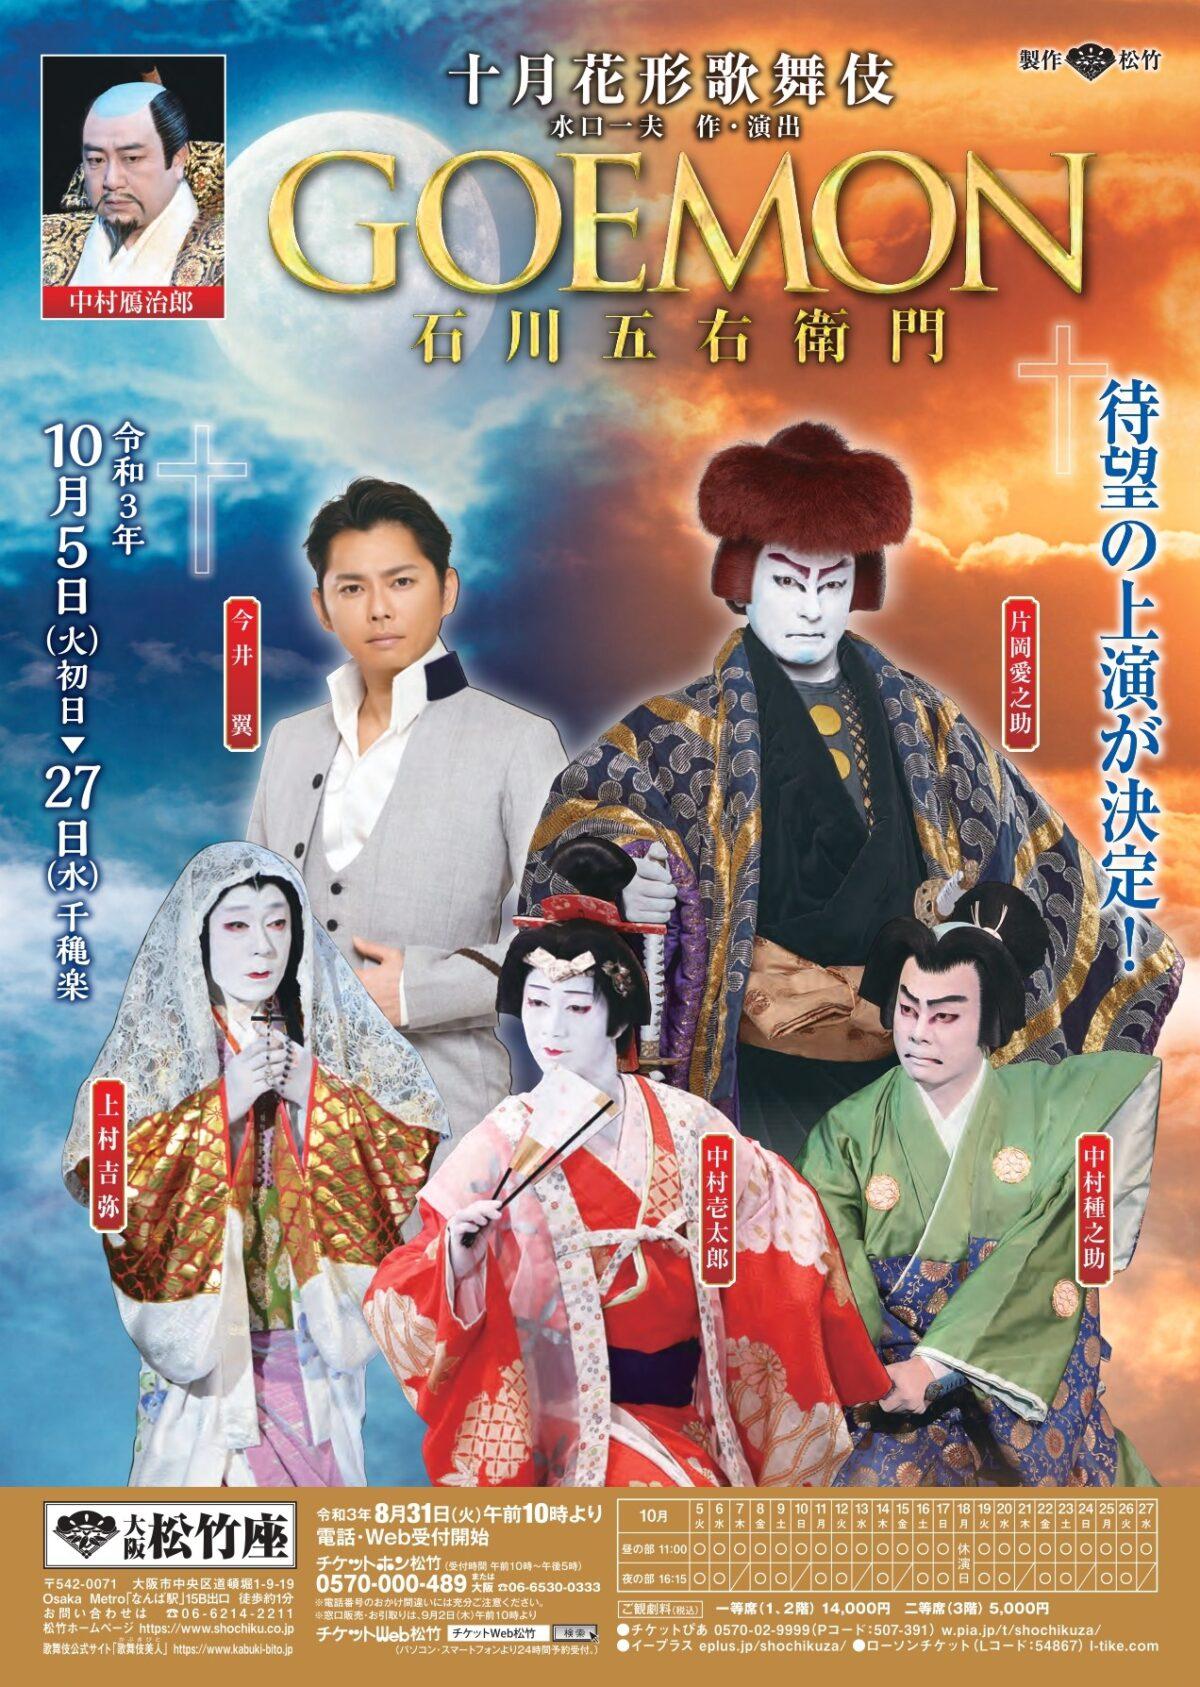 歌舞伎の世界へ!高校生のみなさまをご招待!堺ライオンズクラブ プレゼンツ: